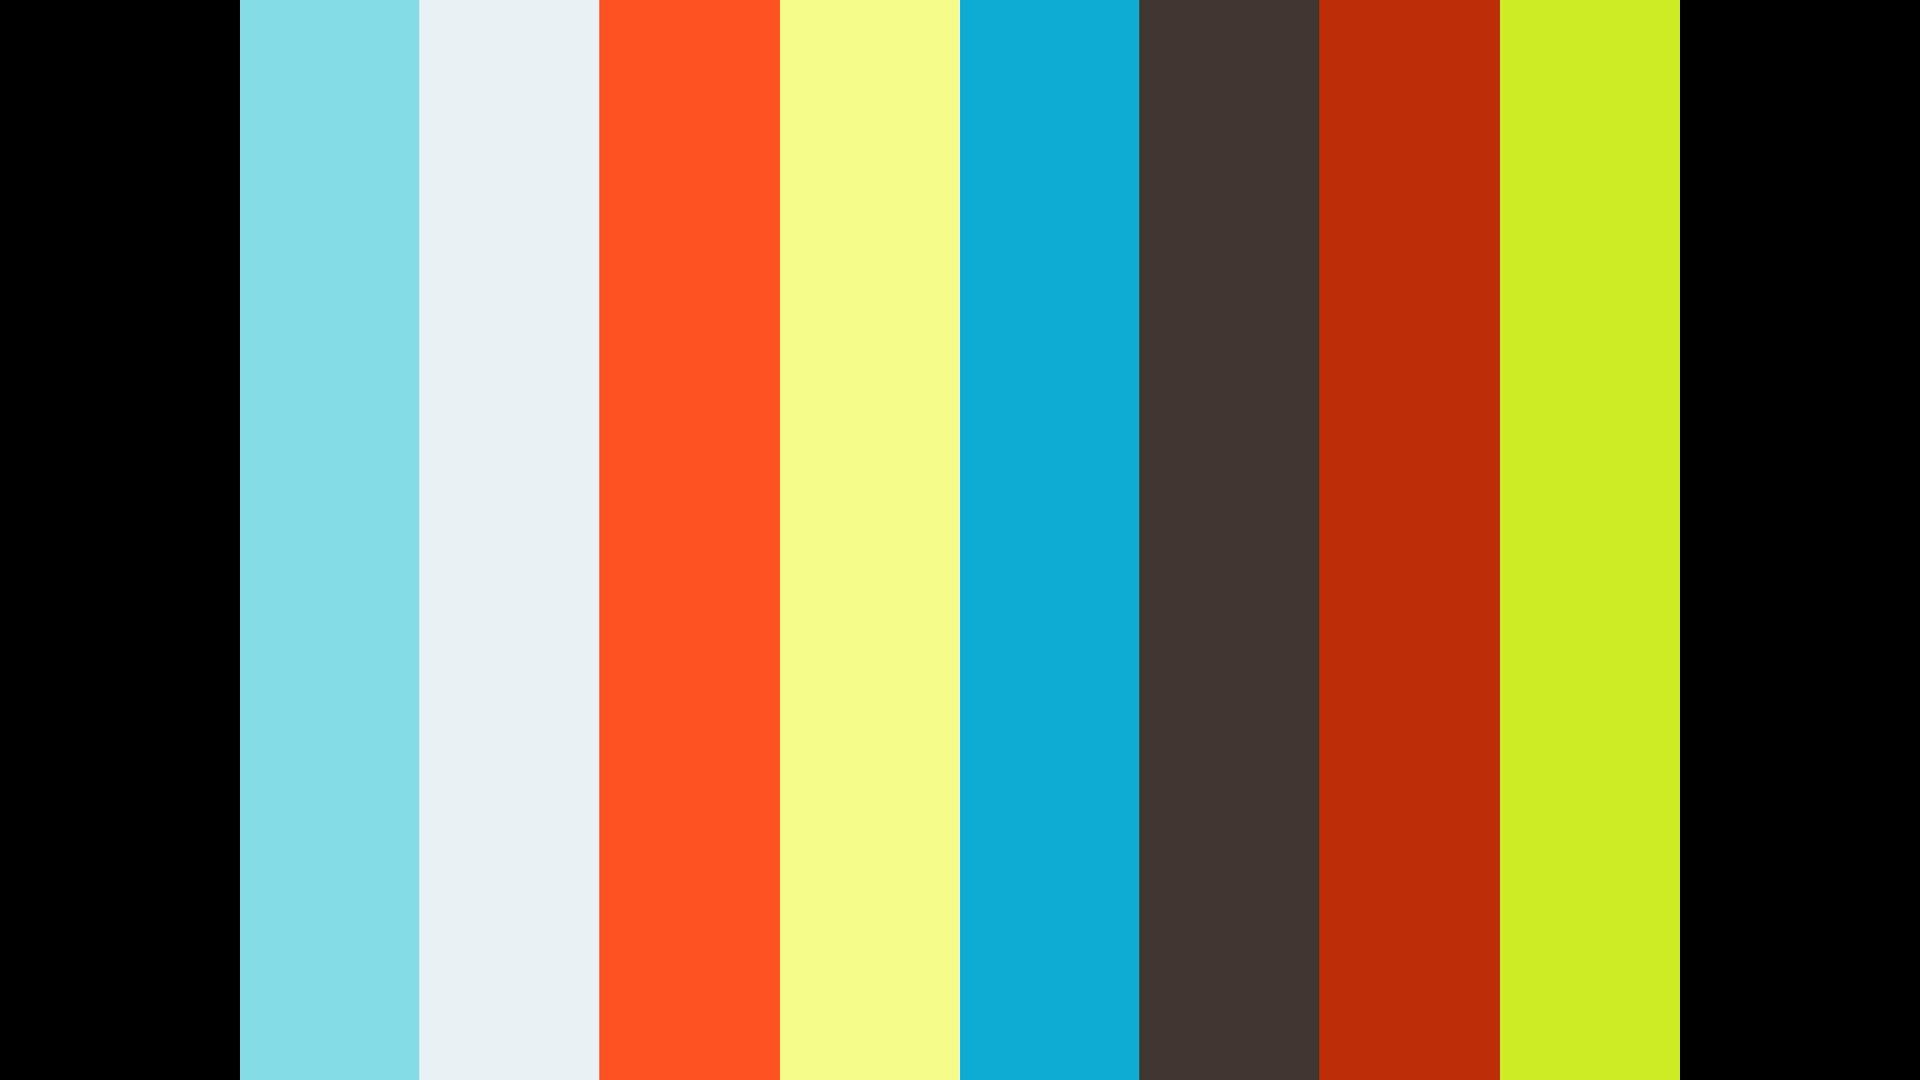 ottantaquattro visualworks Reel